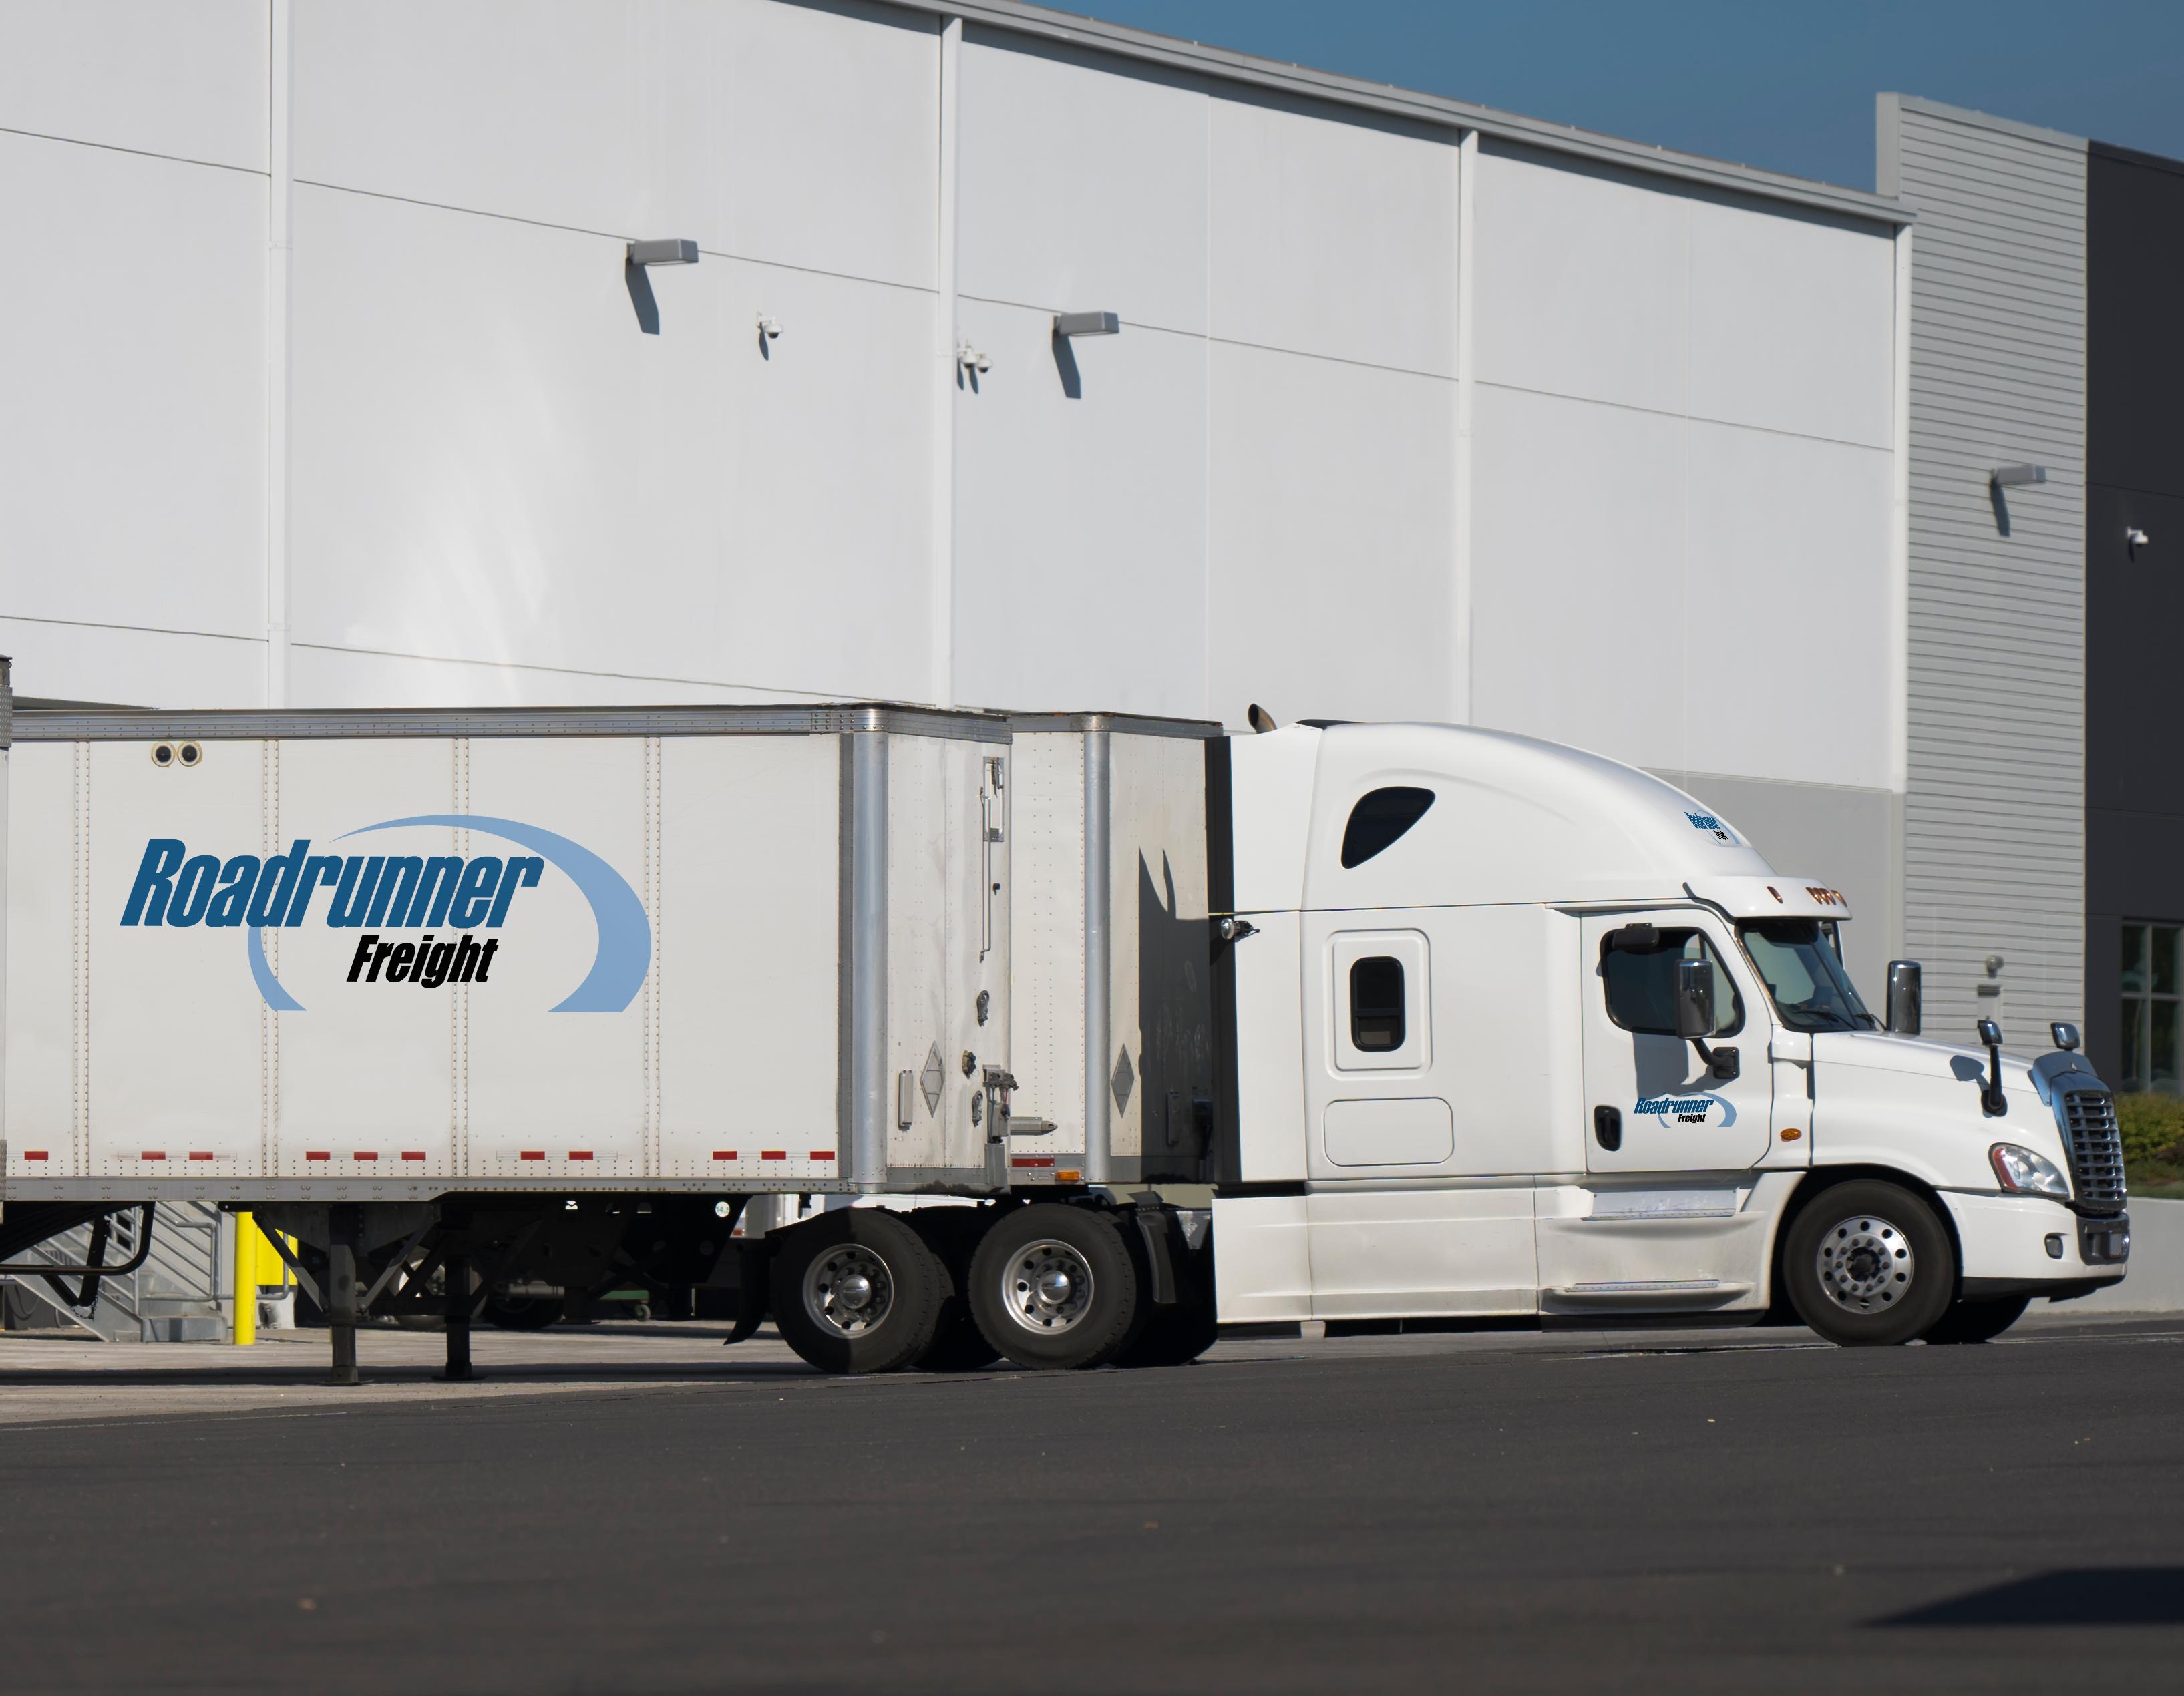 Roadrunner Freight Service Center